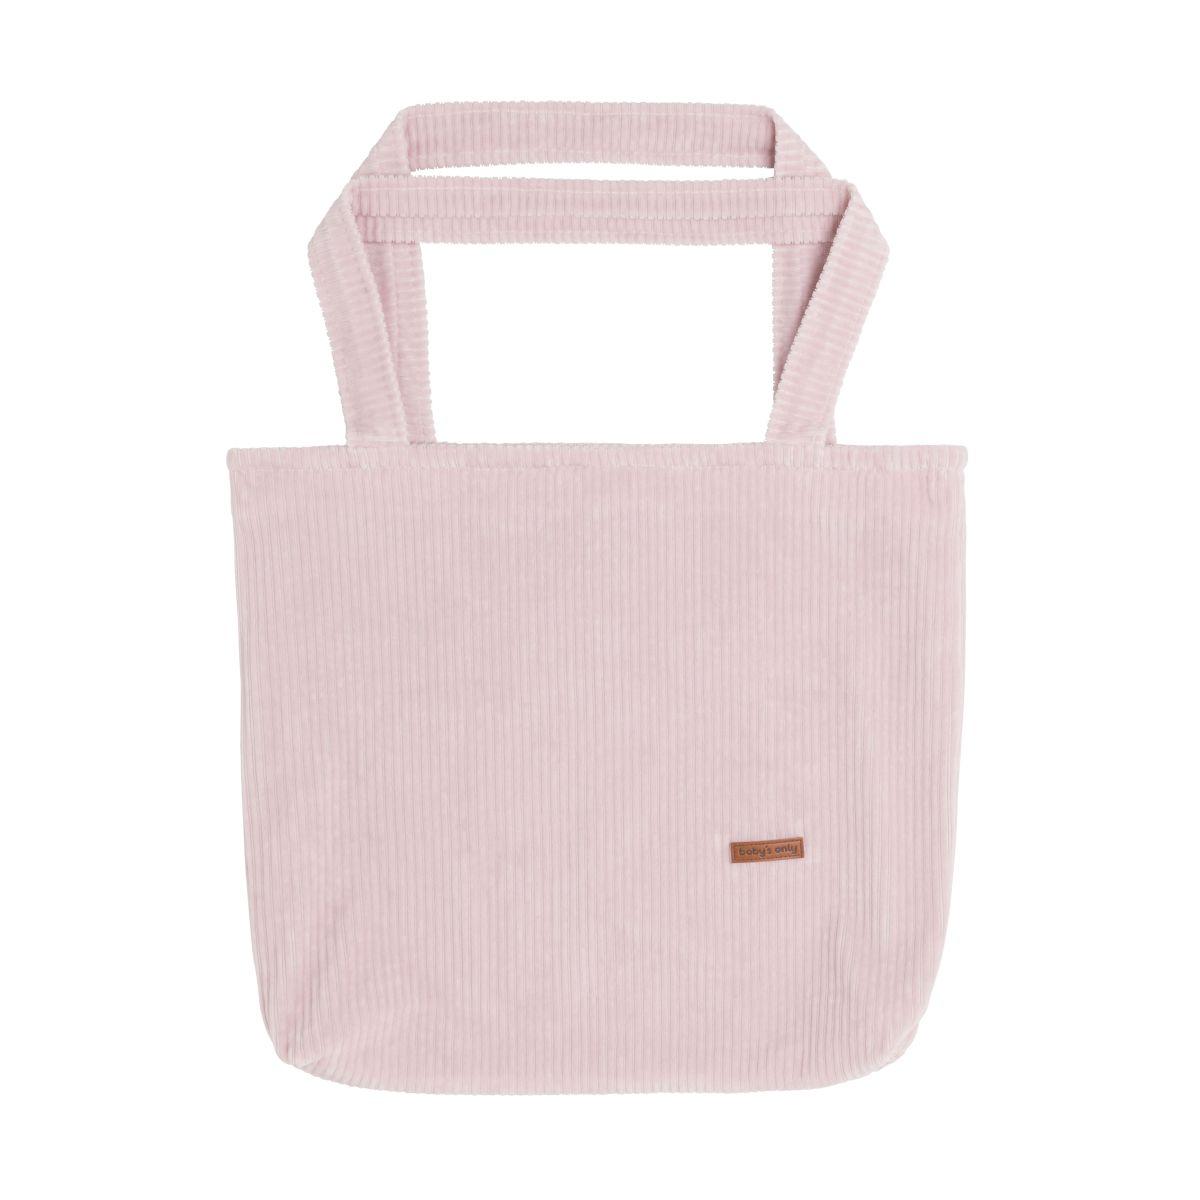 babys only bo02489000750 mom bag sense oud roze 1